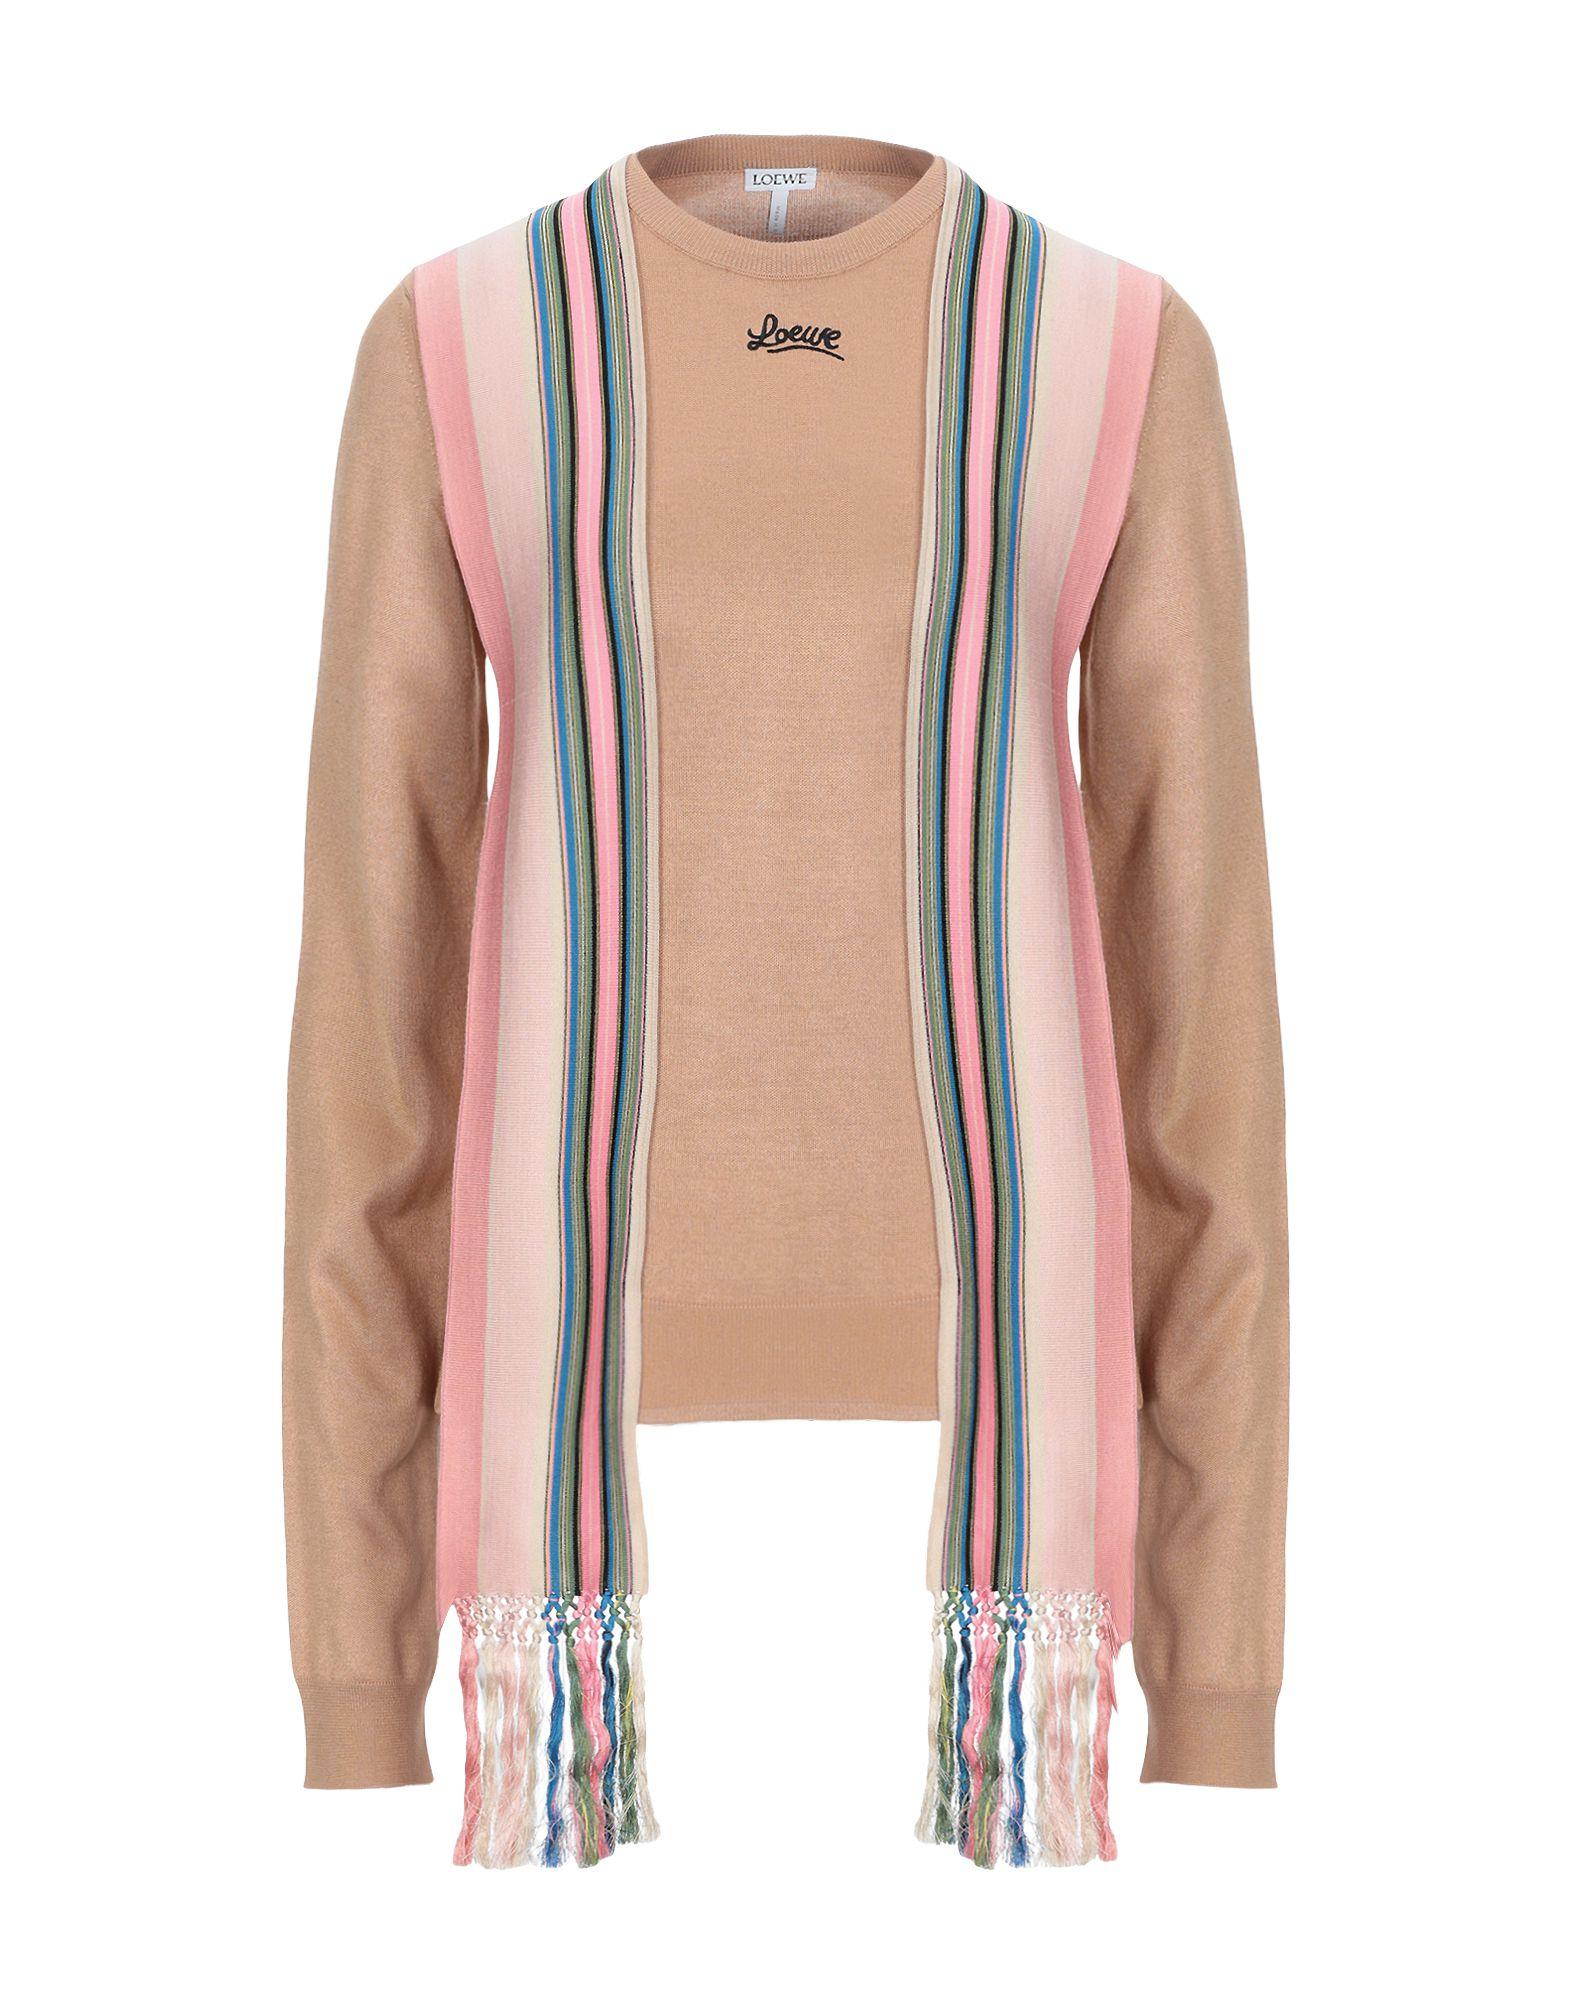 LOEWE Sweaters - Item 14011464